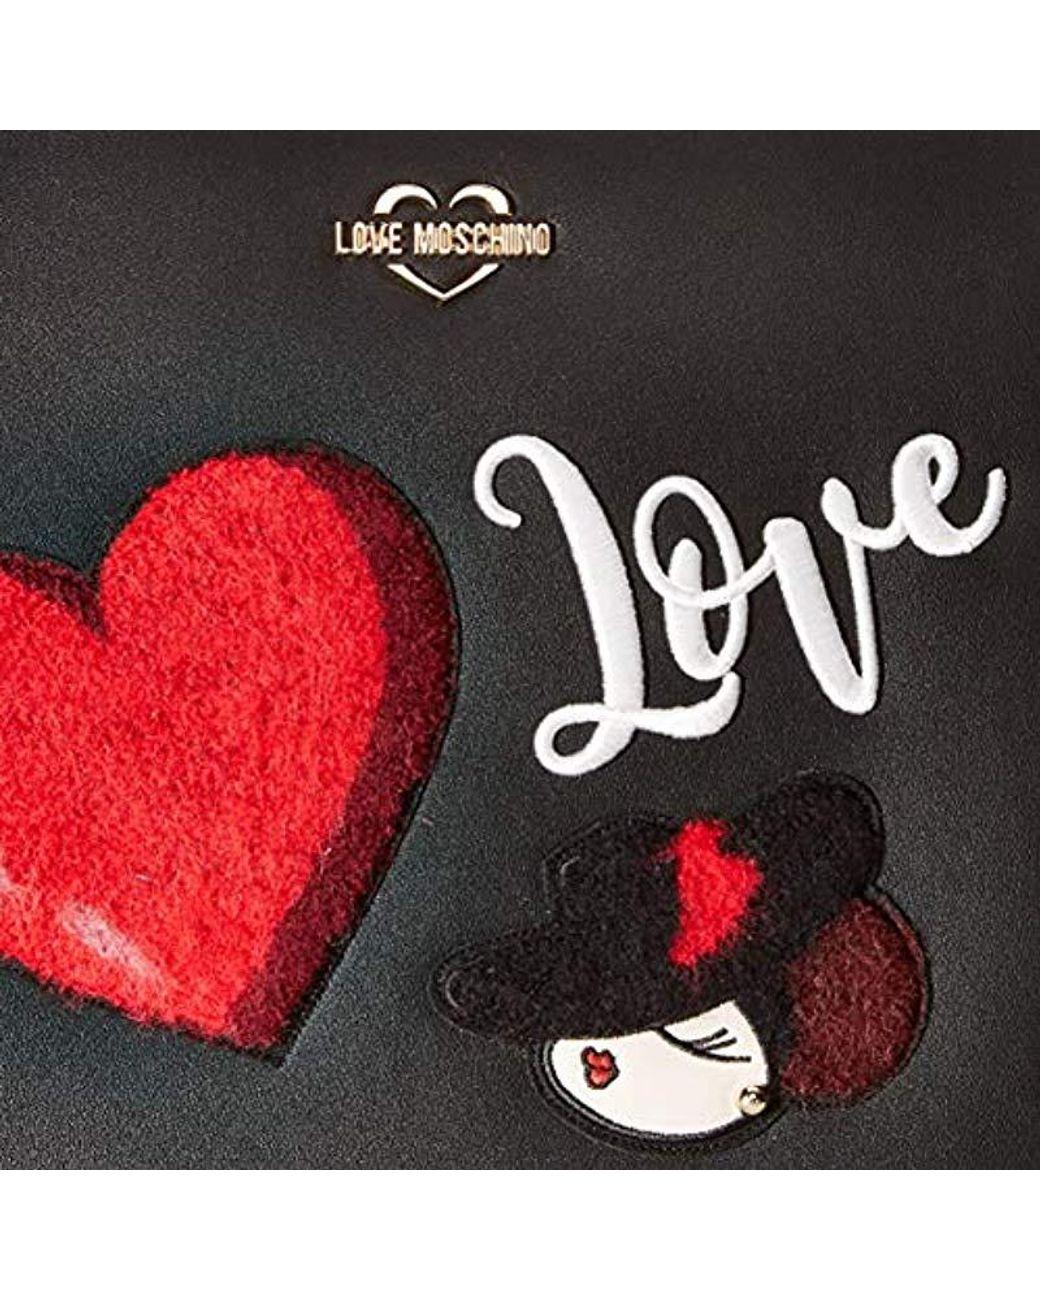 Love Moschino Studs Embroidery Borsa a mano nero